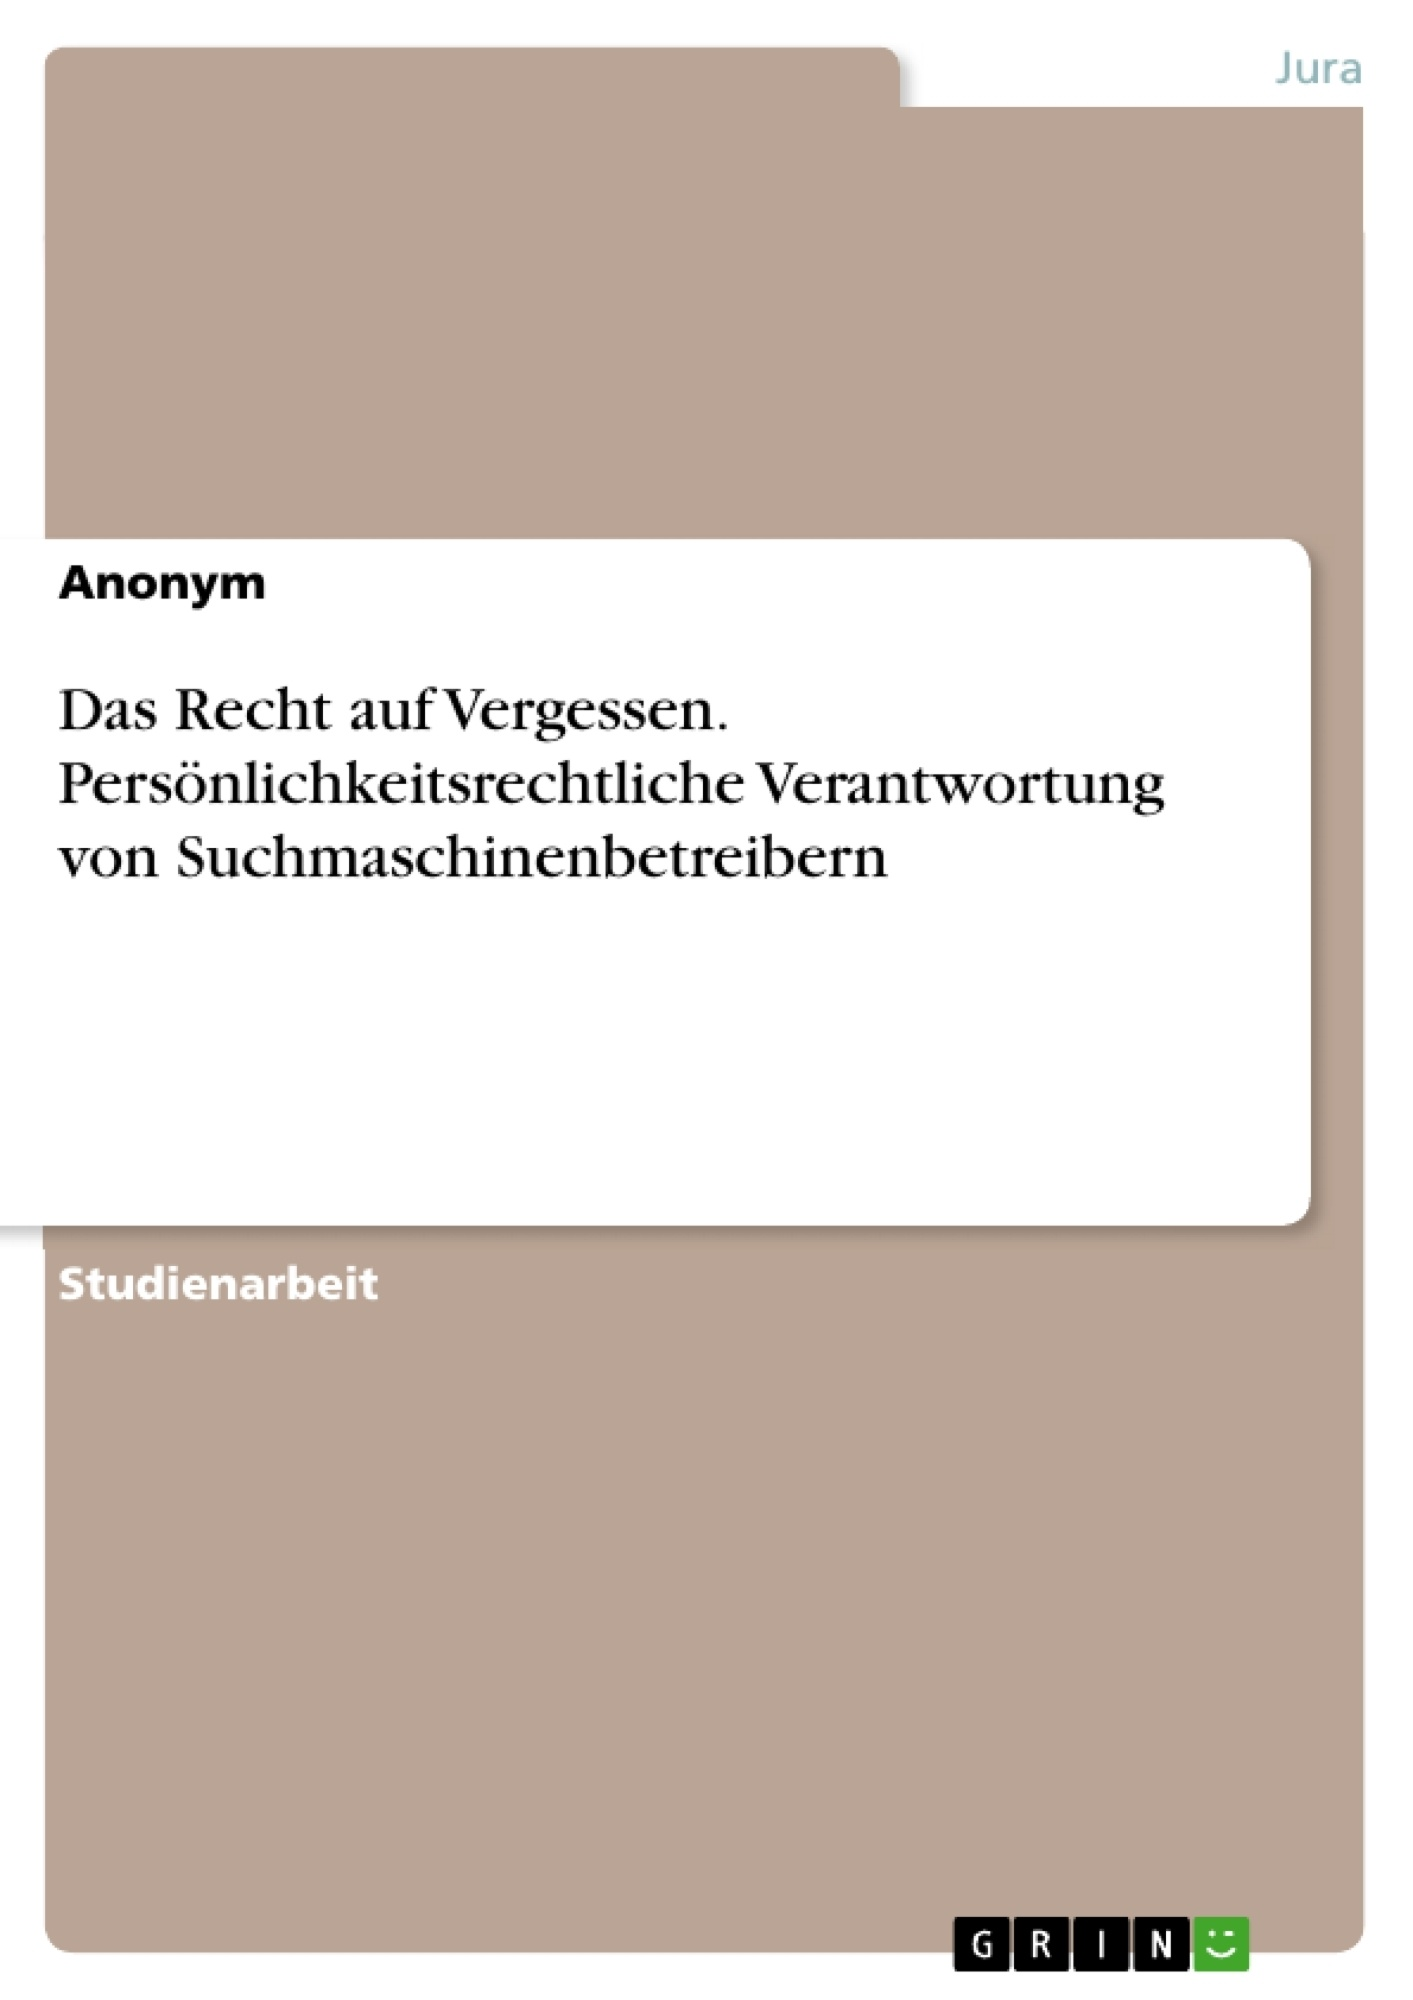 Titel: Das Recht auf Vergessen. Persönlichkeitsrechtliche Verantwortung von Suchmaschinenbetreibern